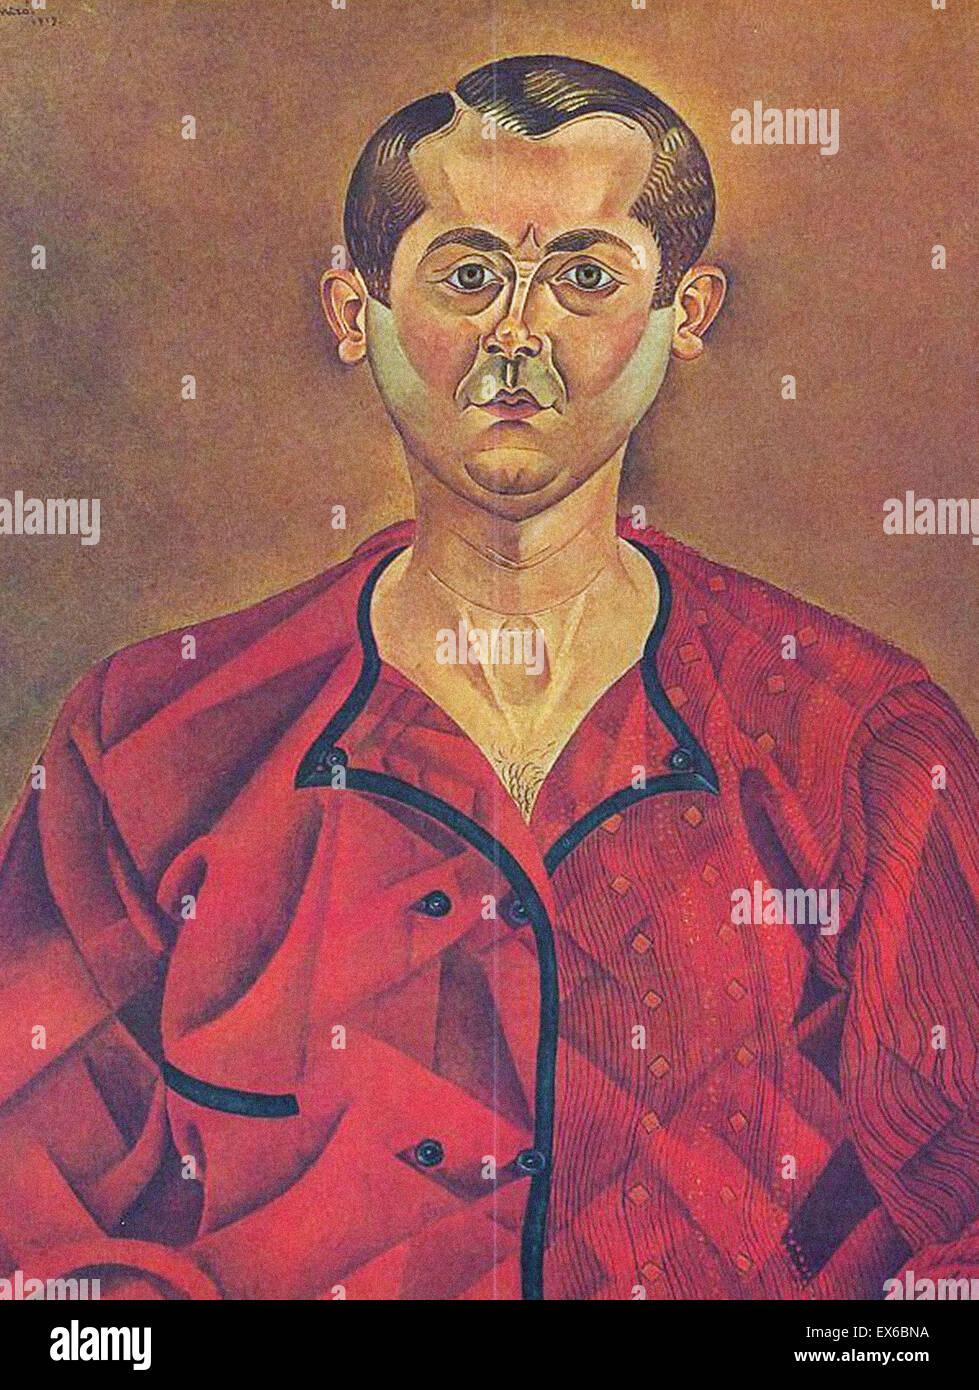 Joan Miro Selbstporträt Stockbild